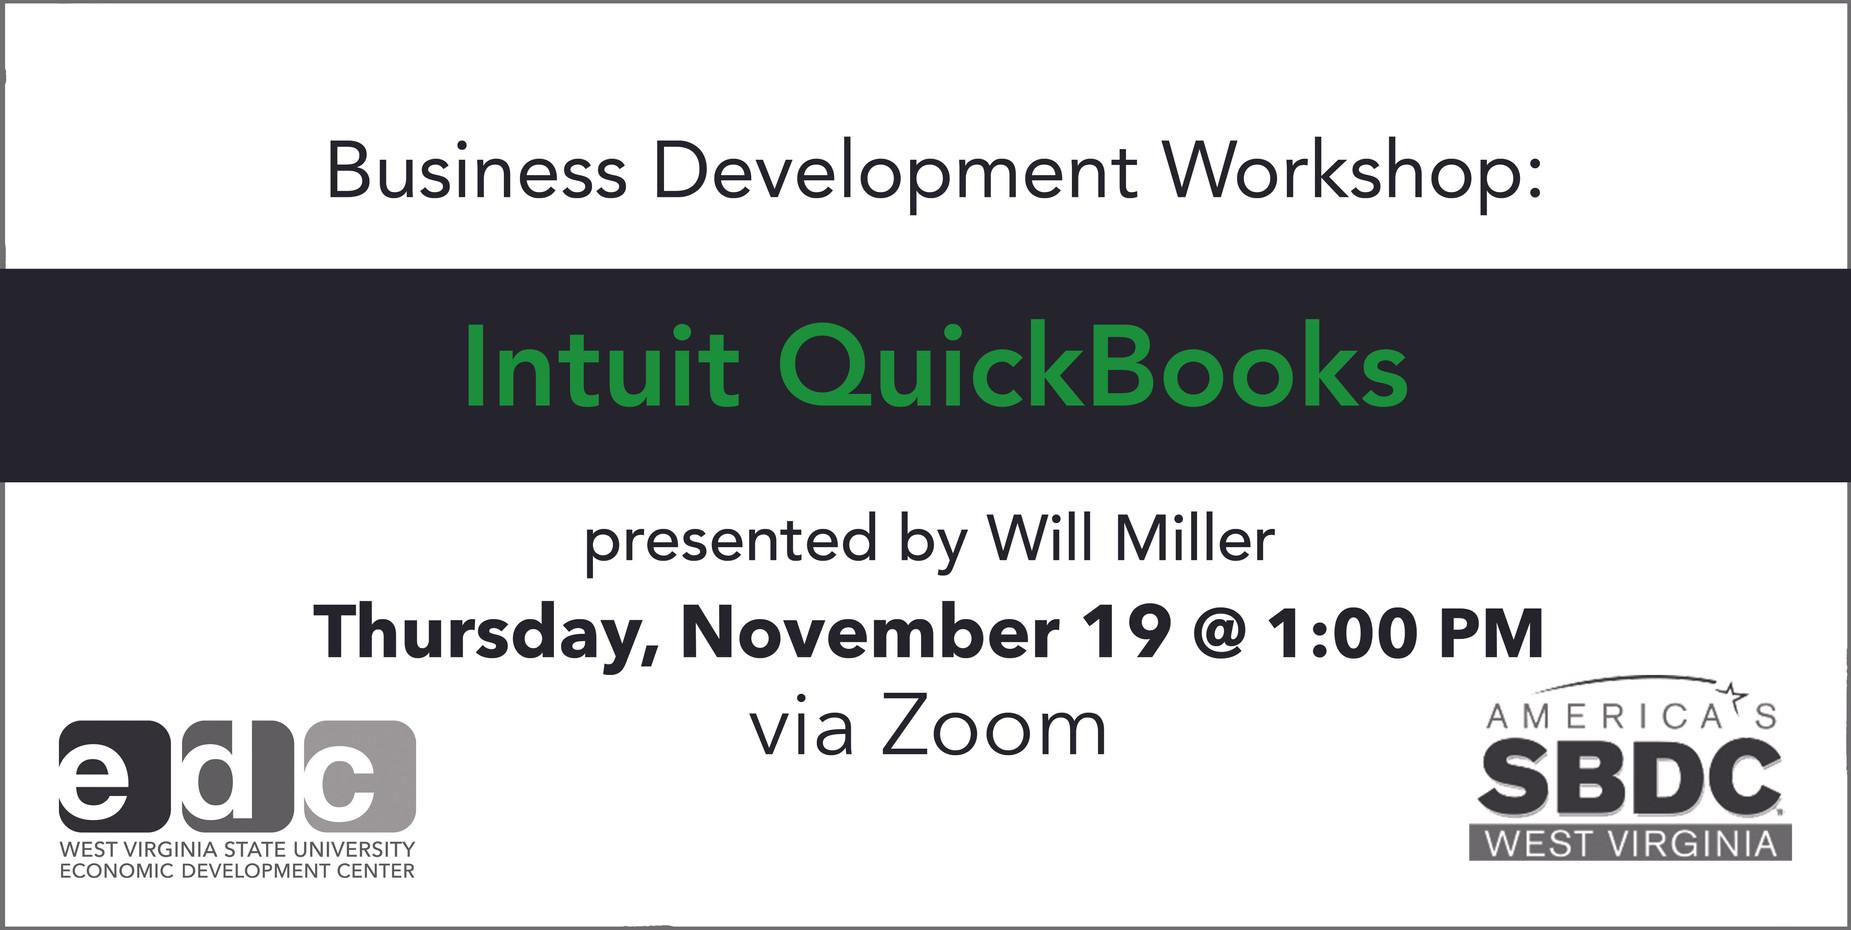 EventbritePlaceholder_QuickBooks11.jpg